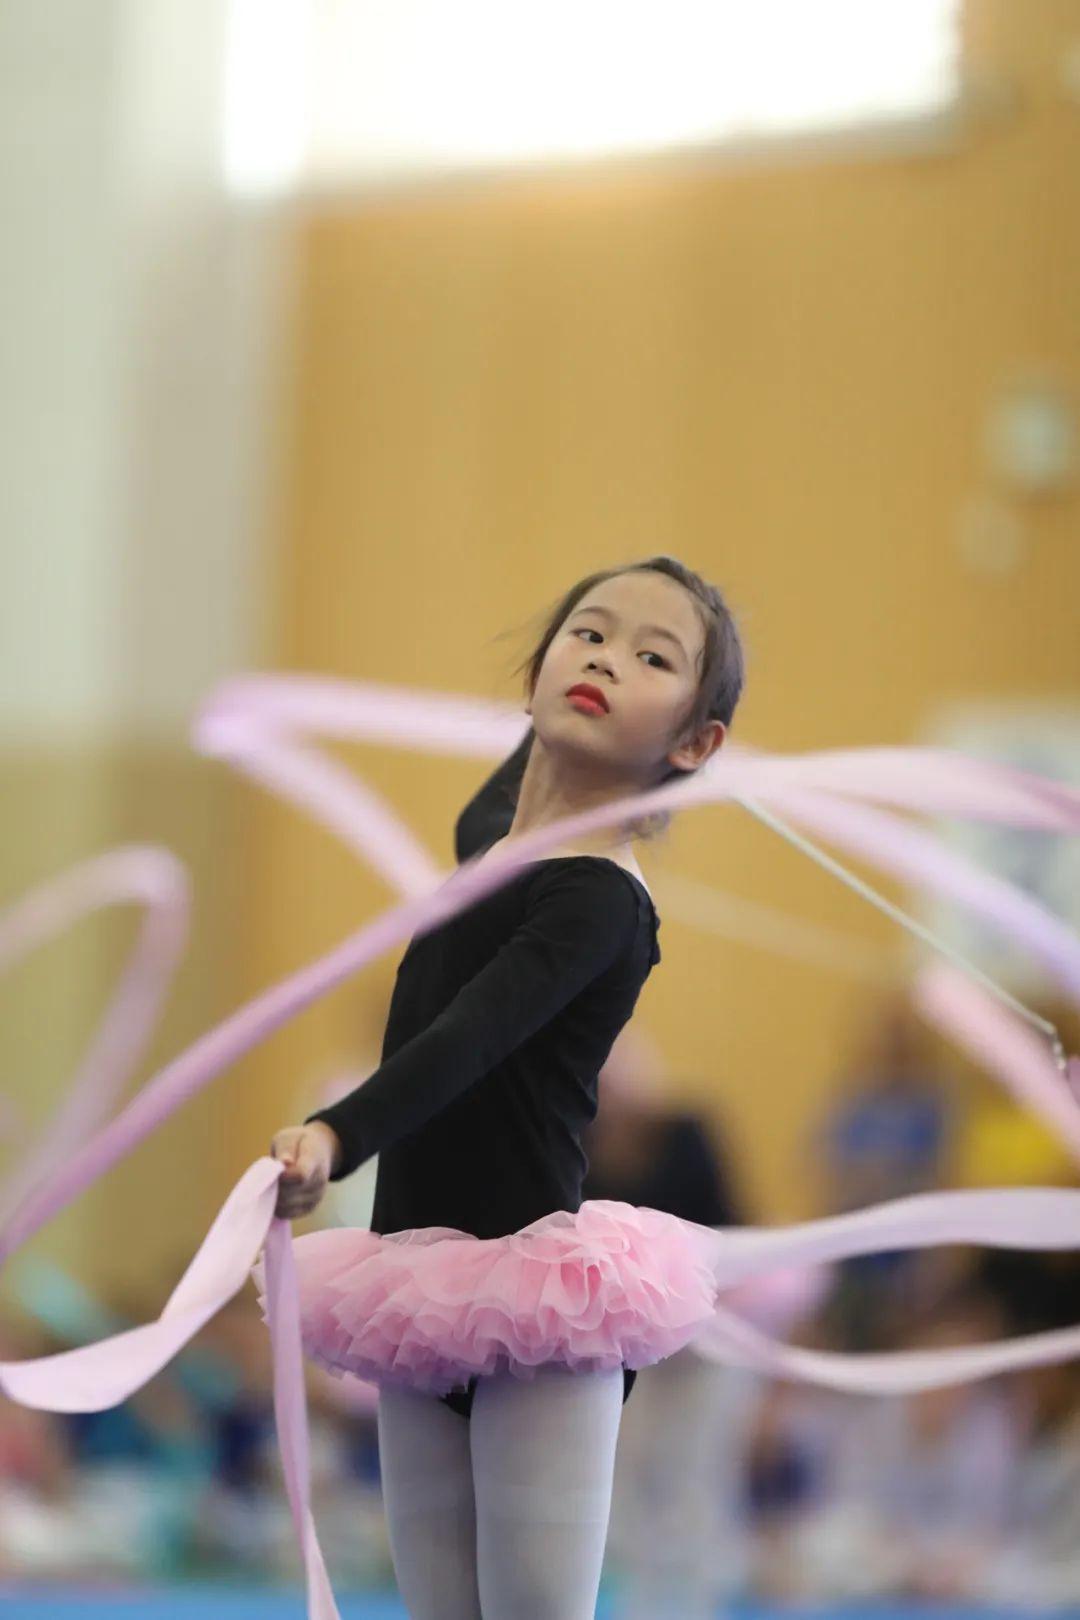 艺术体操项目 招收4.5周岁以上女生插图(10)